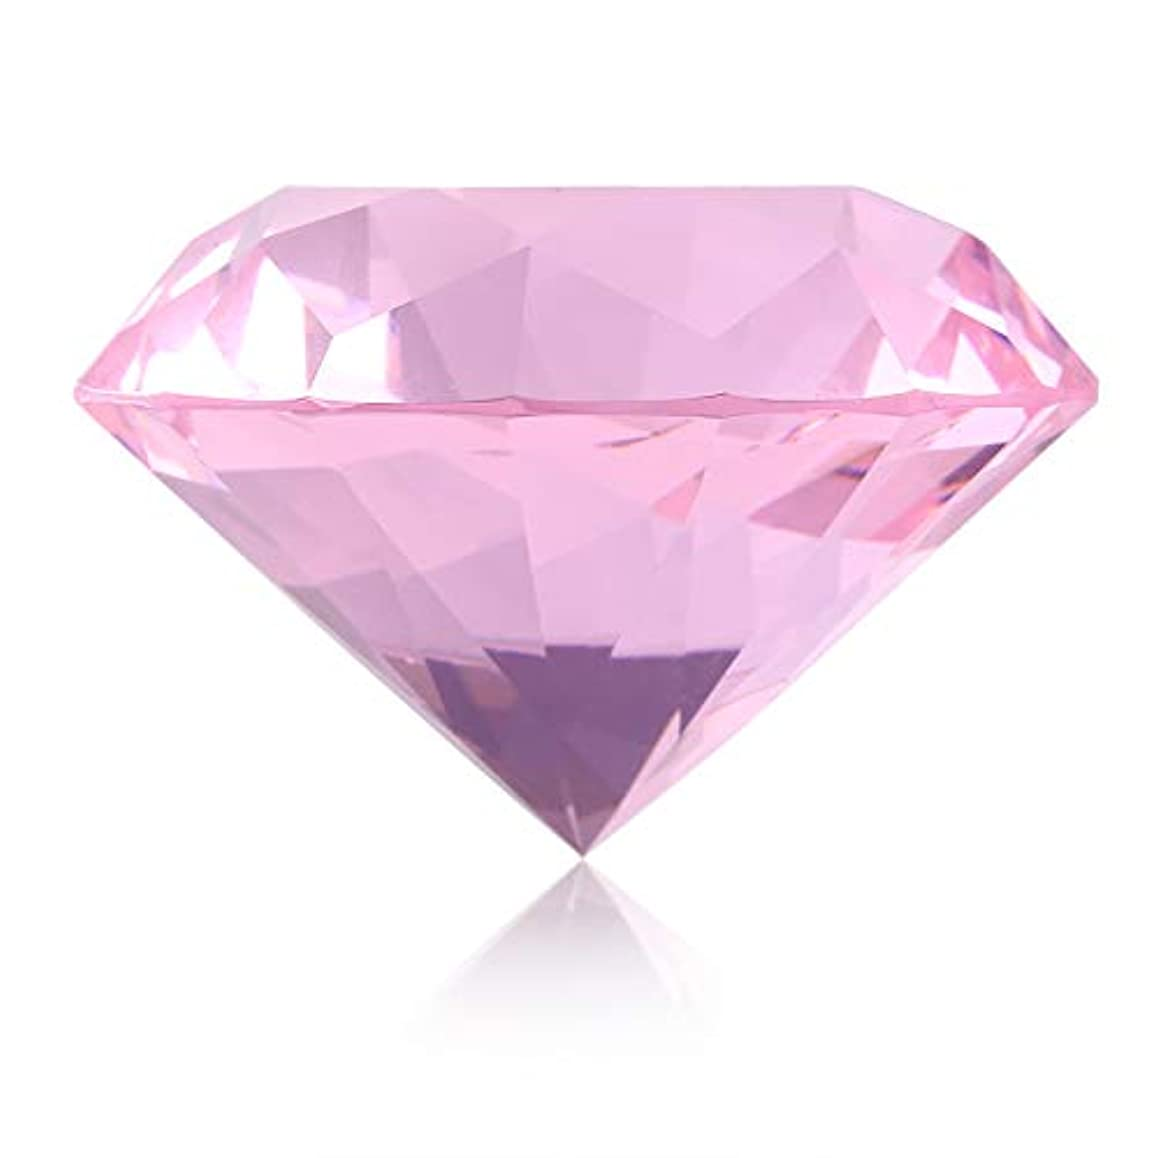 続けるブルピグマリオンネイルチップスタンド スタンドベース ネイルアートディスプレイ ガラス クリスタル ダイヤモンド 撮影道具 モデル ネイルチップホルダー (ピンク)